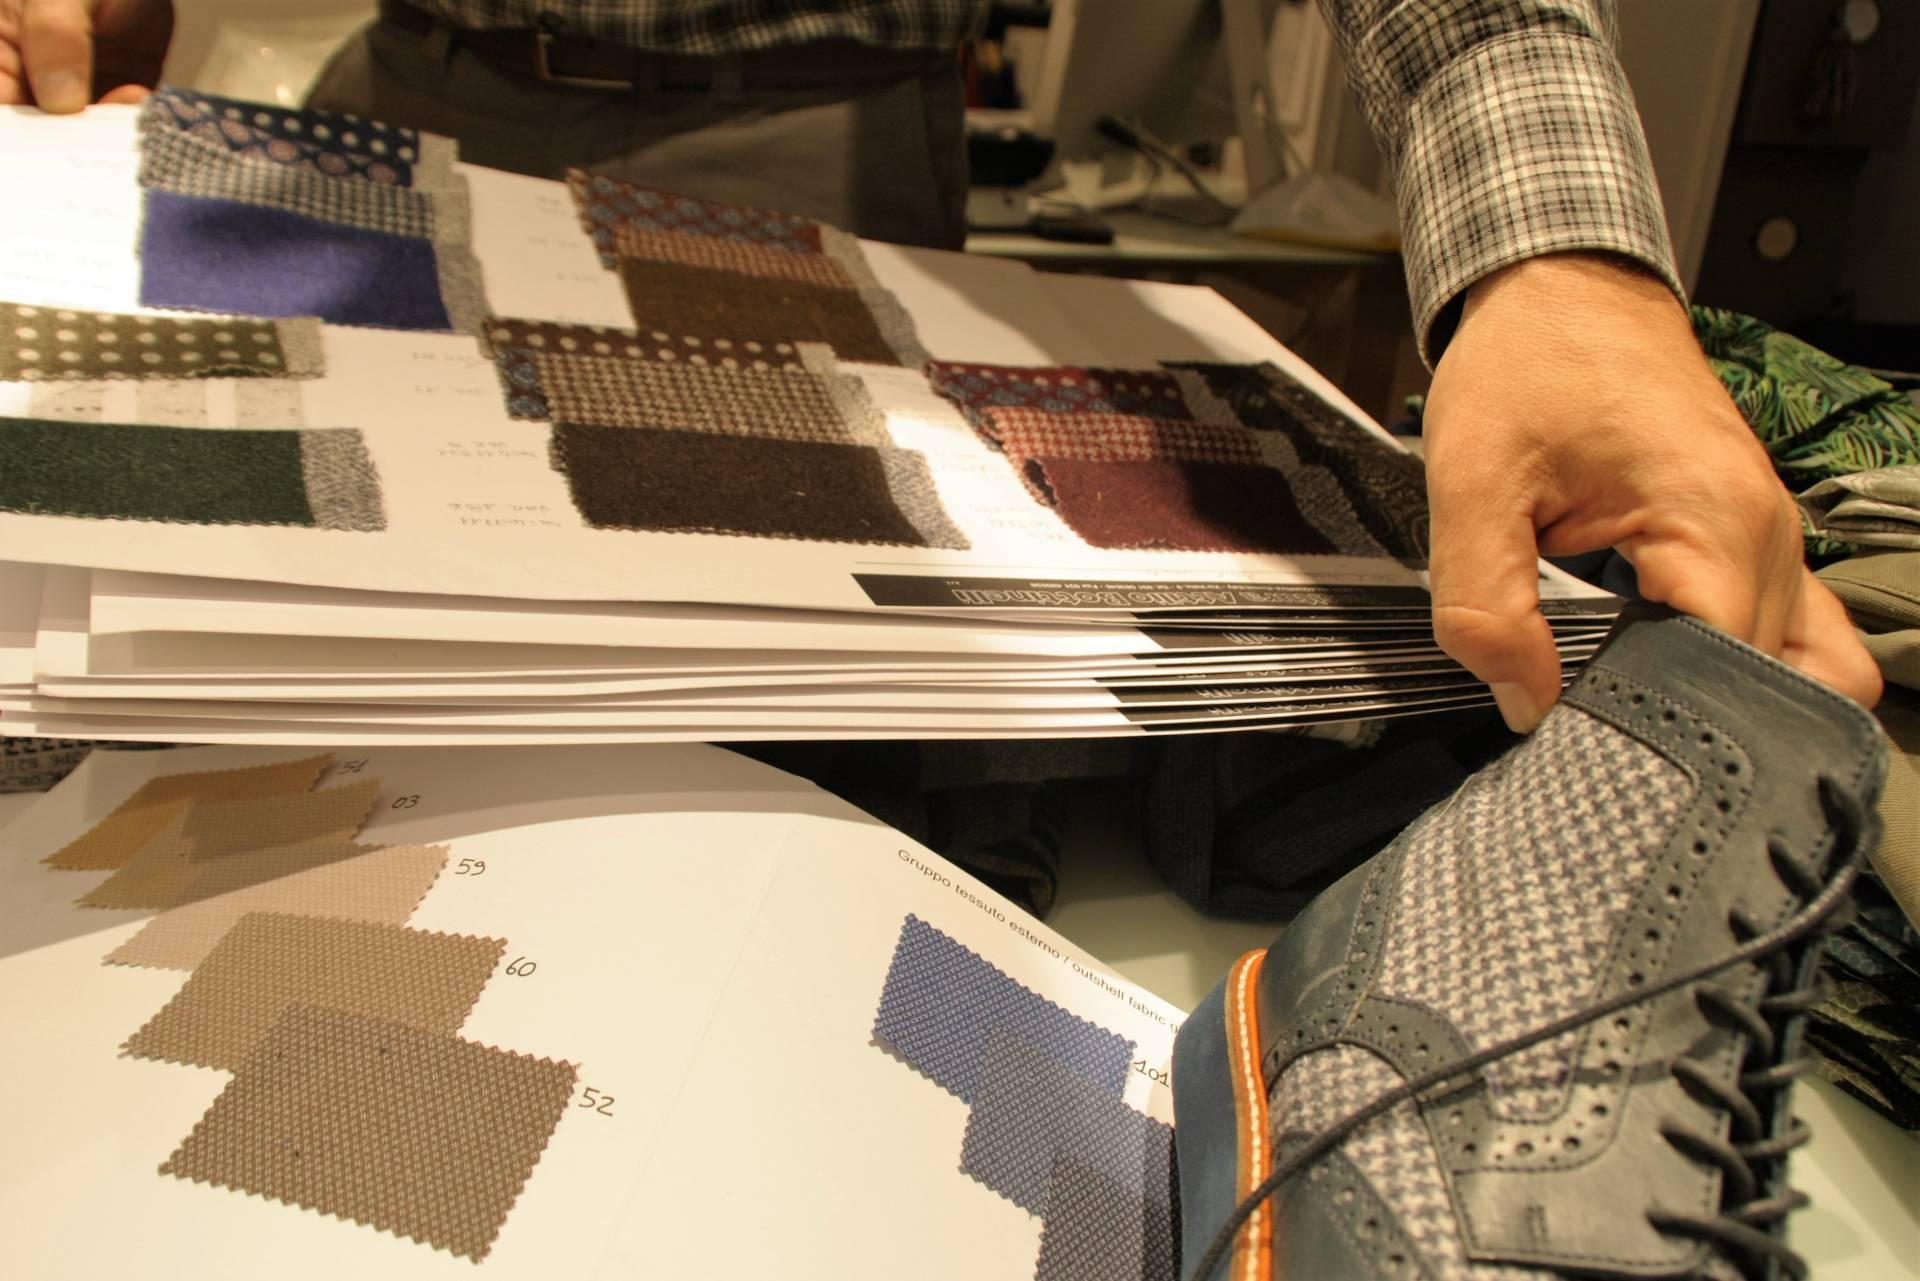 La textura y el color del paño que cubre unas botas sirve de guía a la hora de crear un jersey o una corbata.